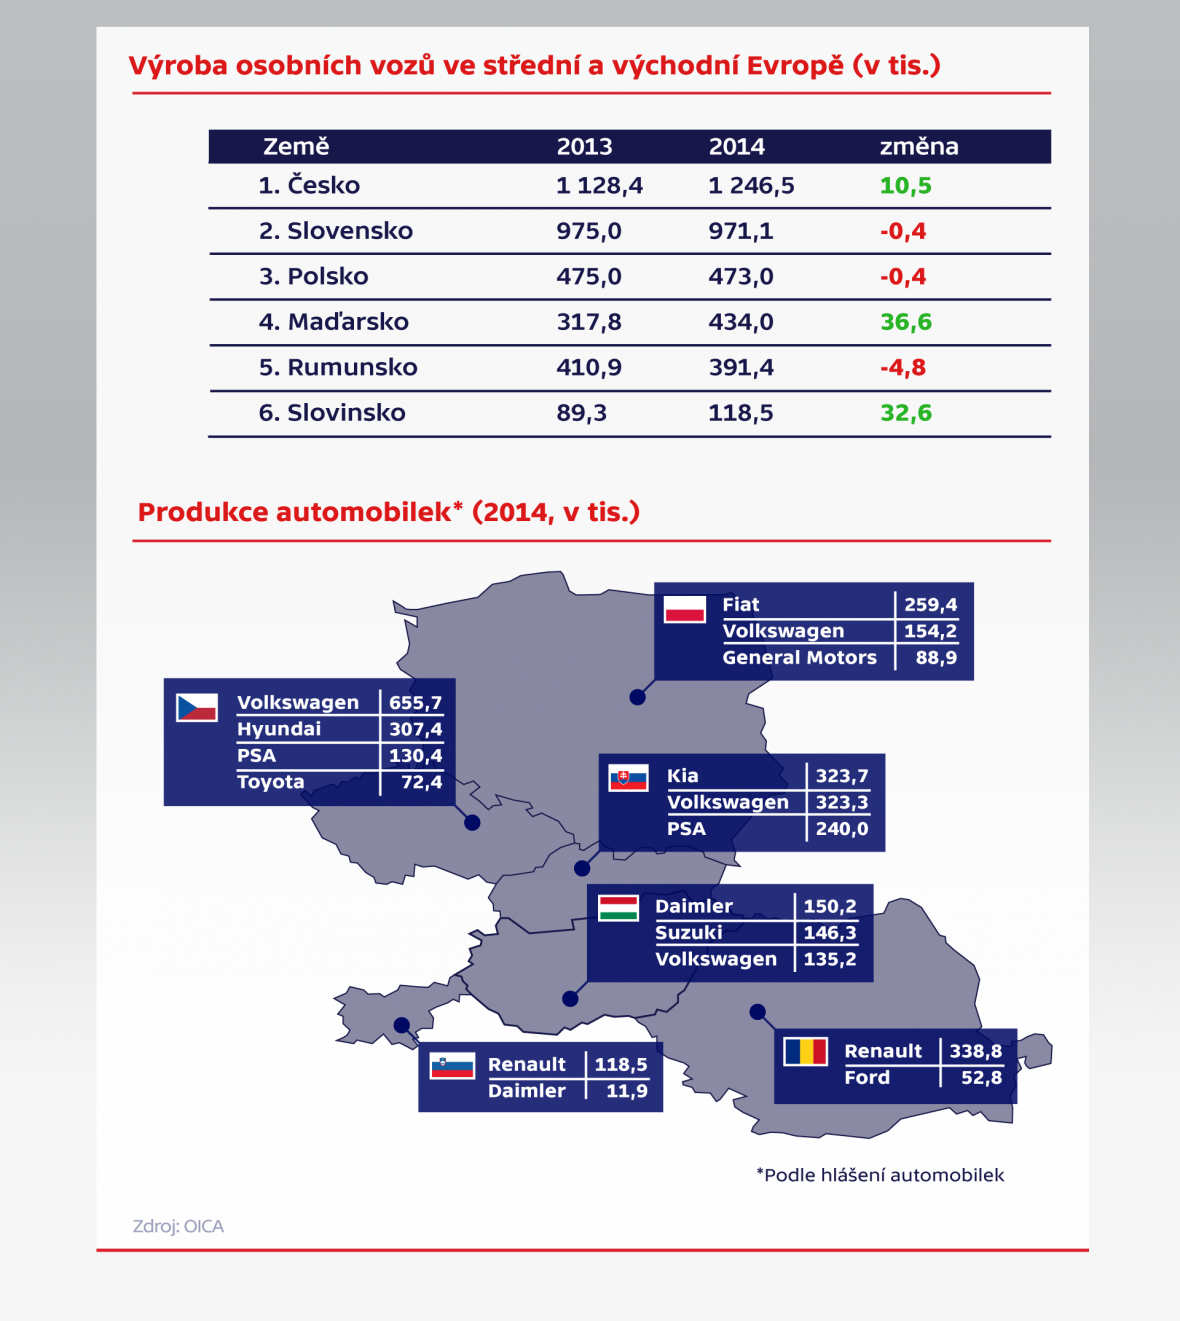 Výroba osobních vozů ve střední a východní Evropě